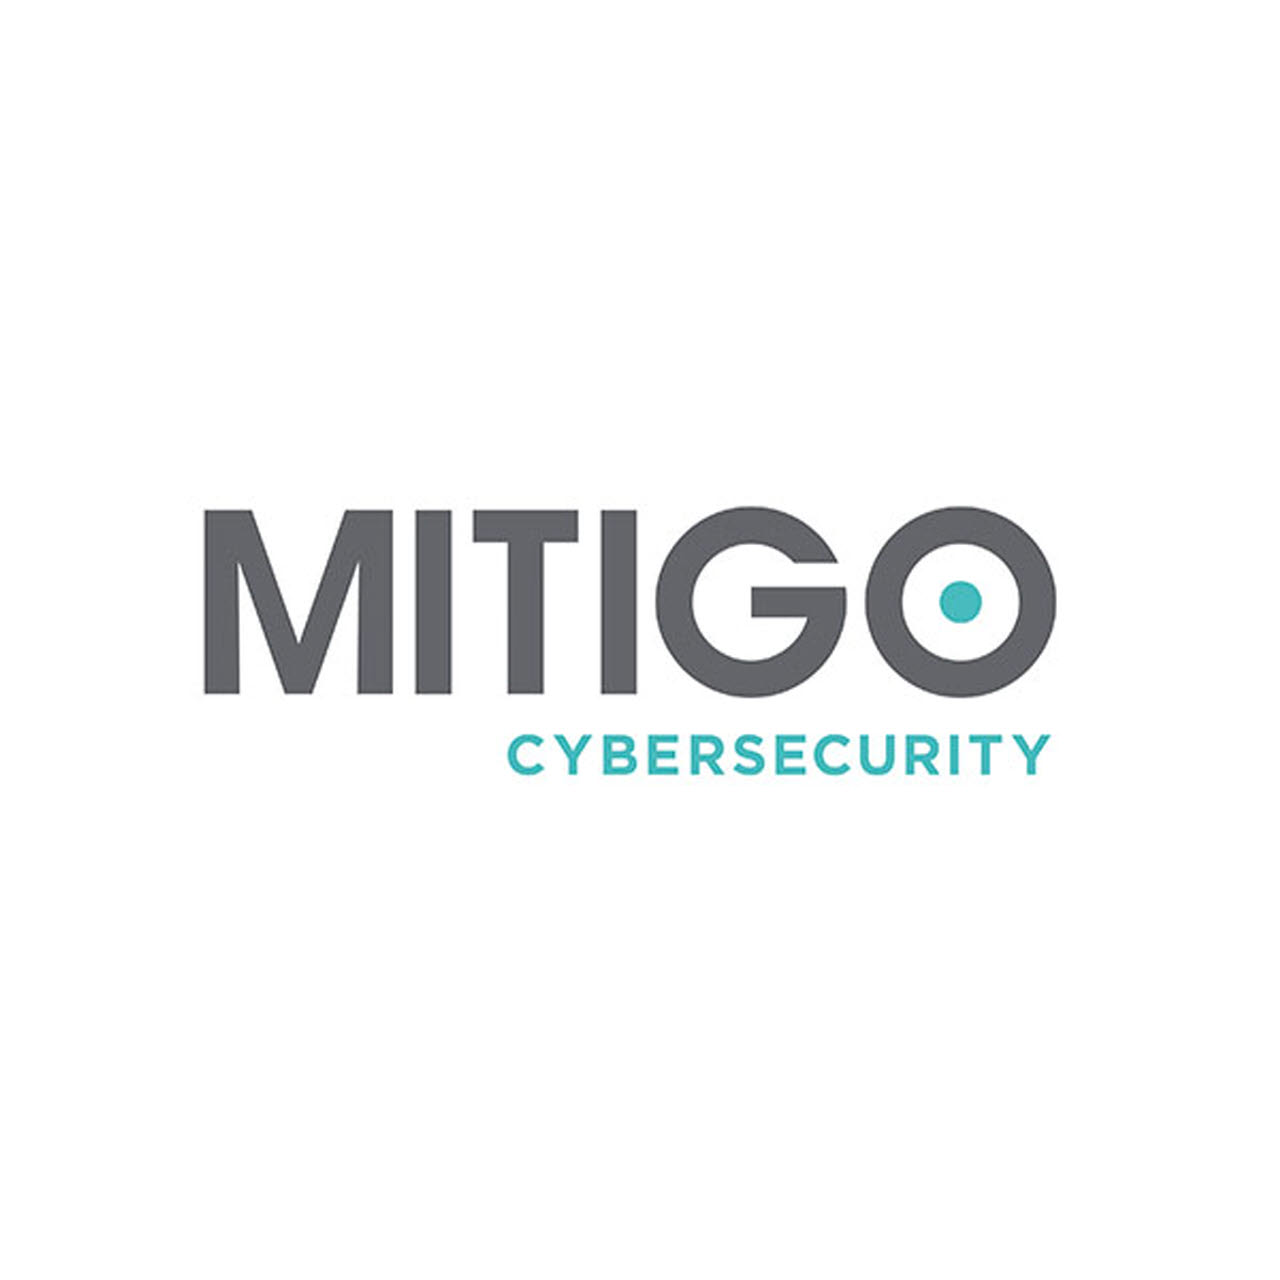 Mitigo.jpg